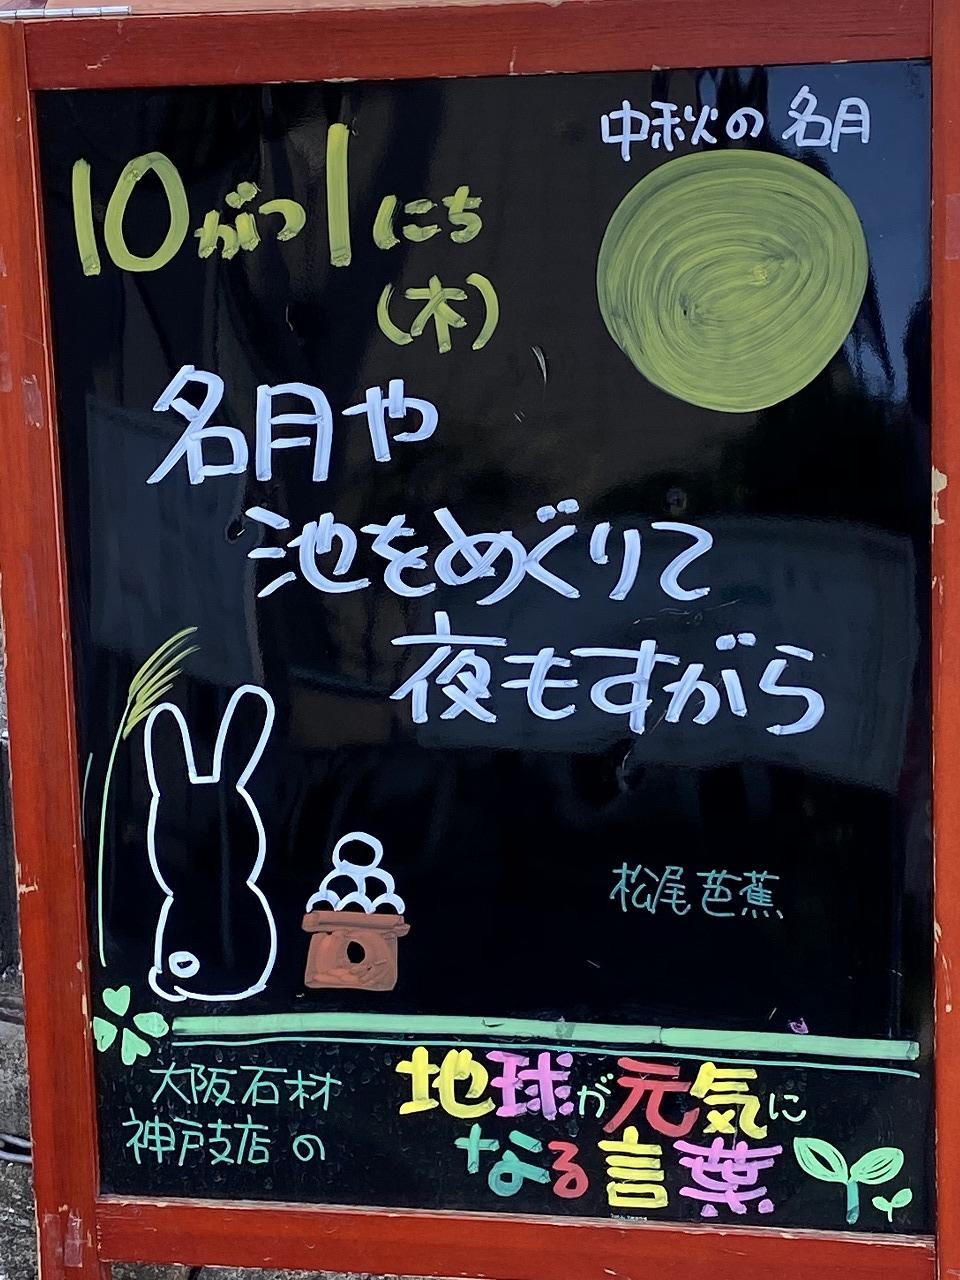 神戸の墓石店「地球が元気になる言葉」の写真 2020年10月1日